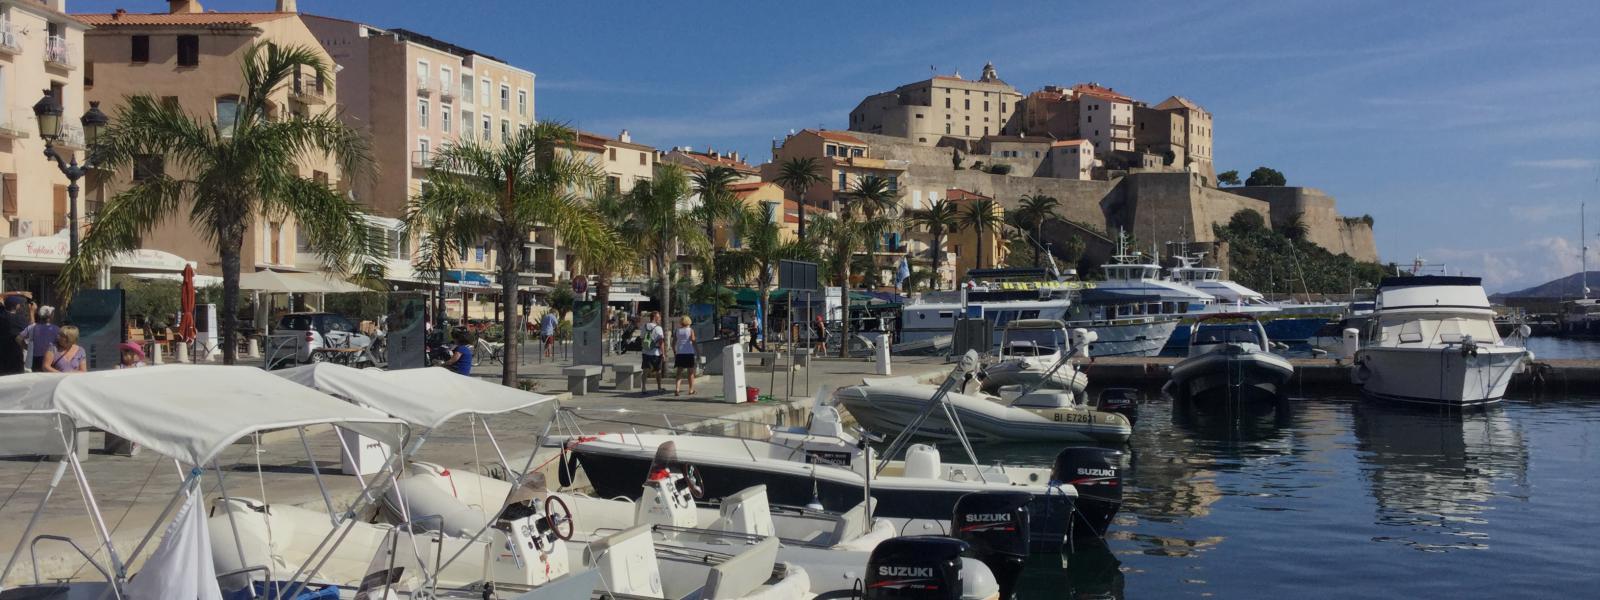 Calvi, het Knokke van Corsica